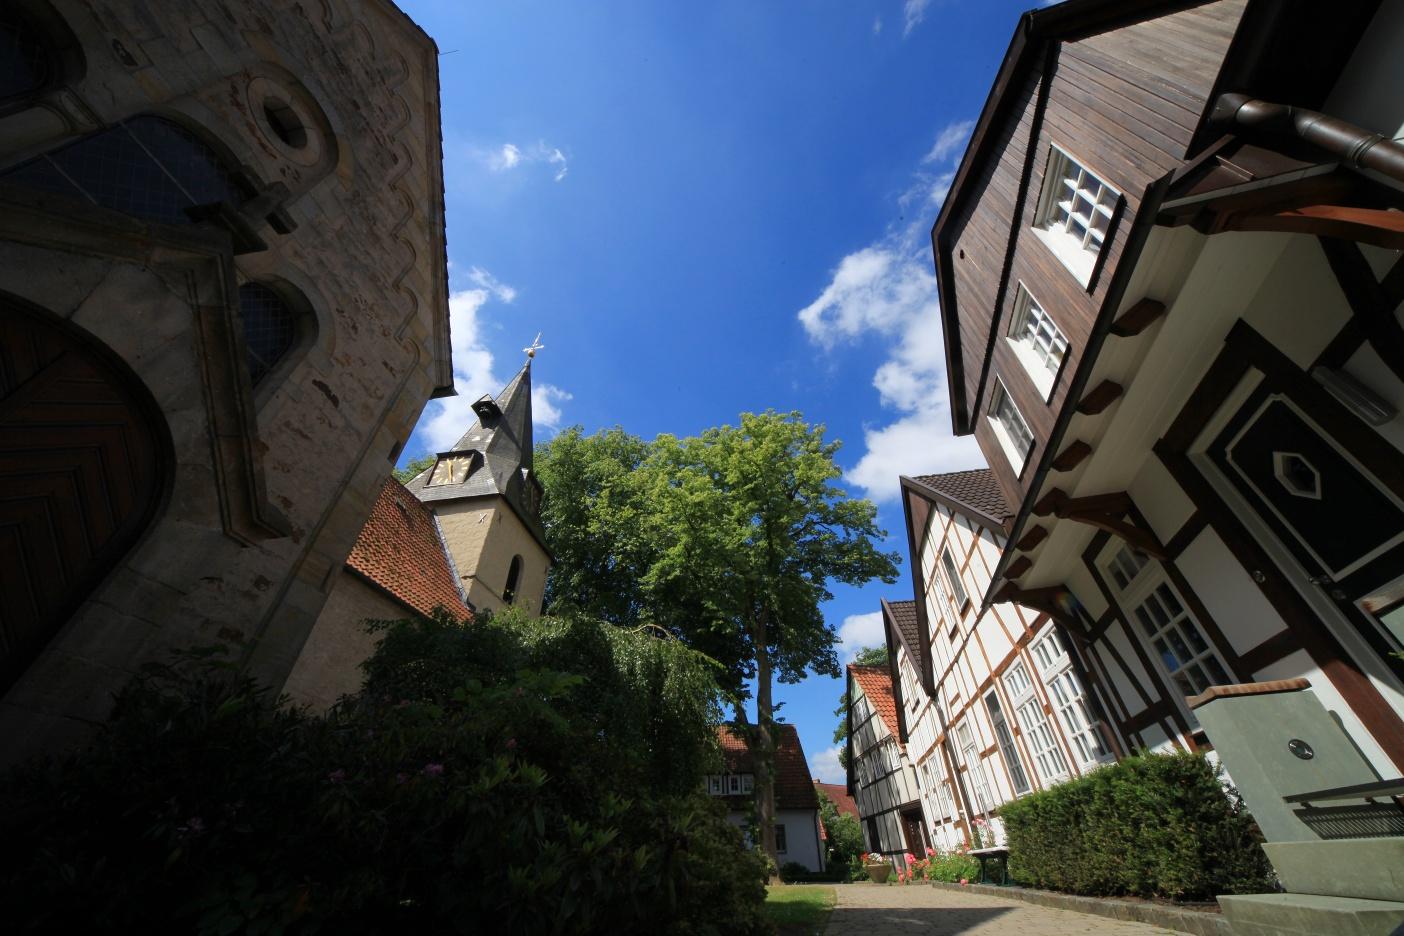 Dorfkern Bockhorst